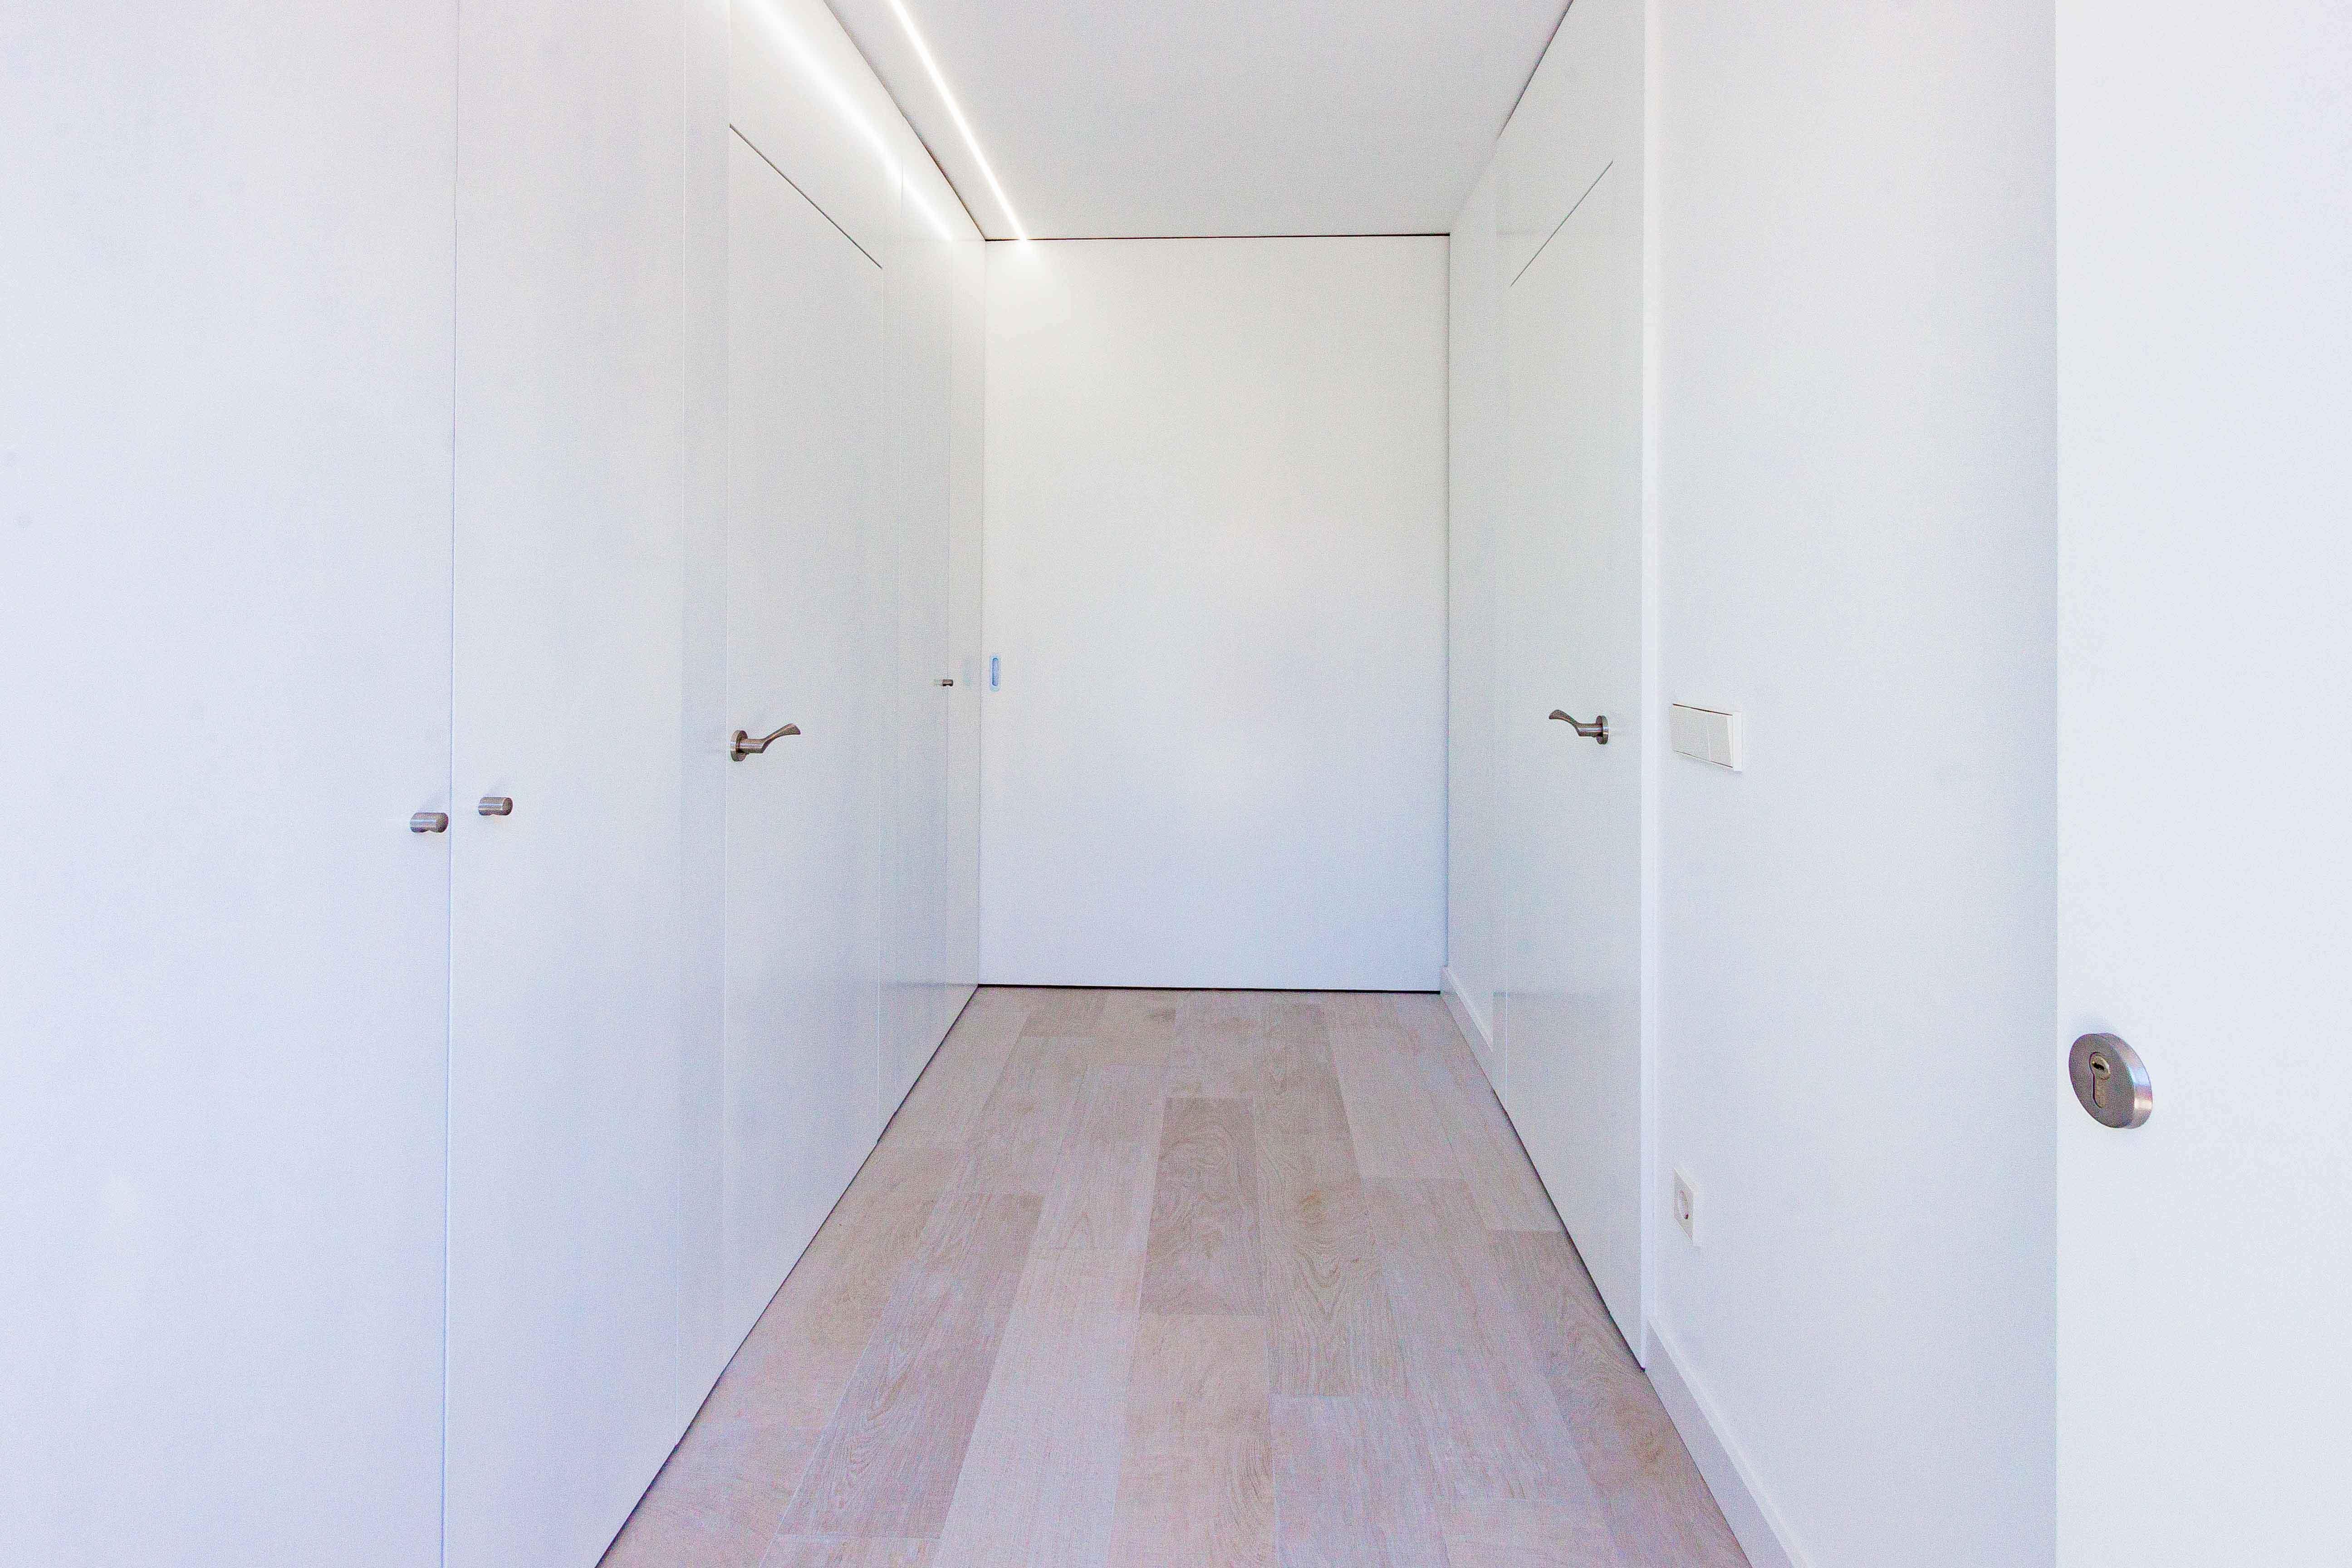 Armario empotrado con puertas enrasadas en hall de reforma de casa. Chiralt Arquitectos Valencia.